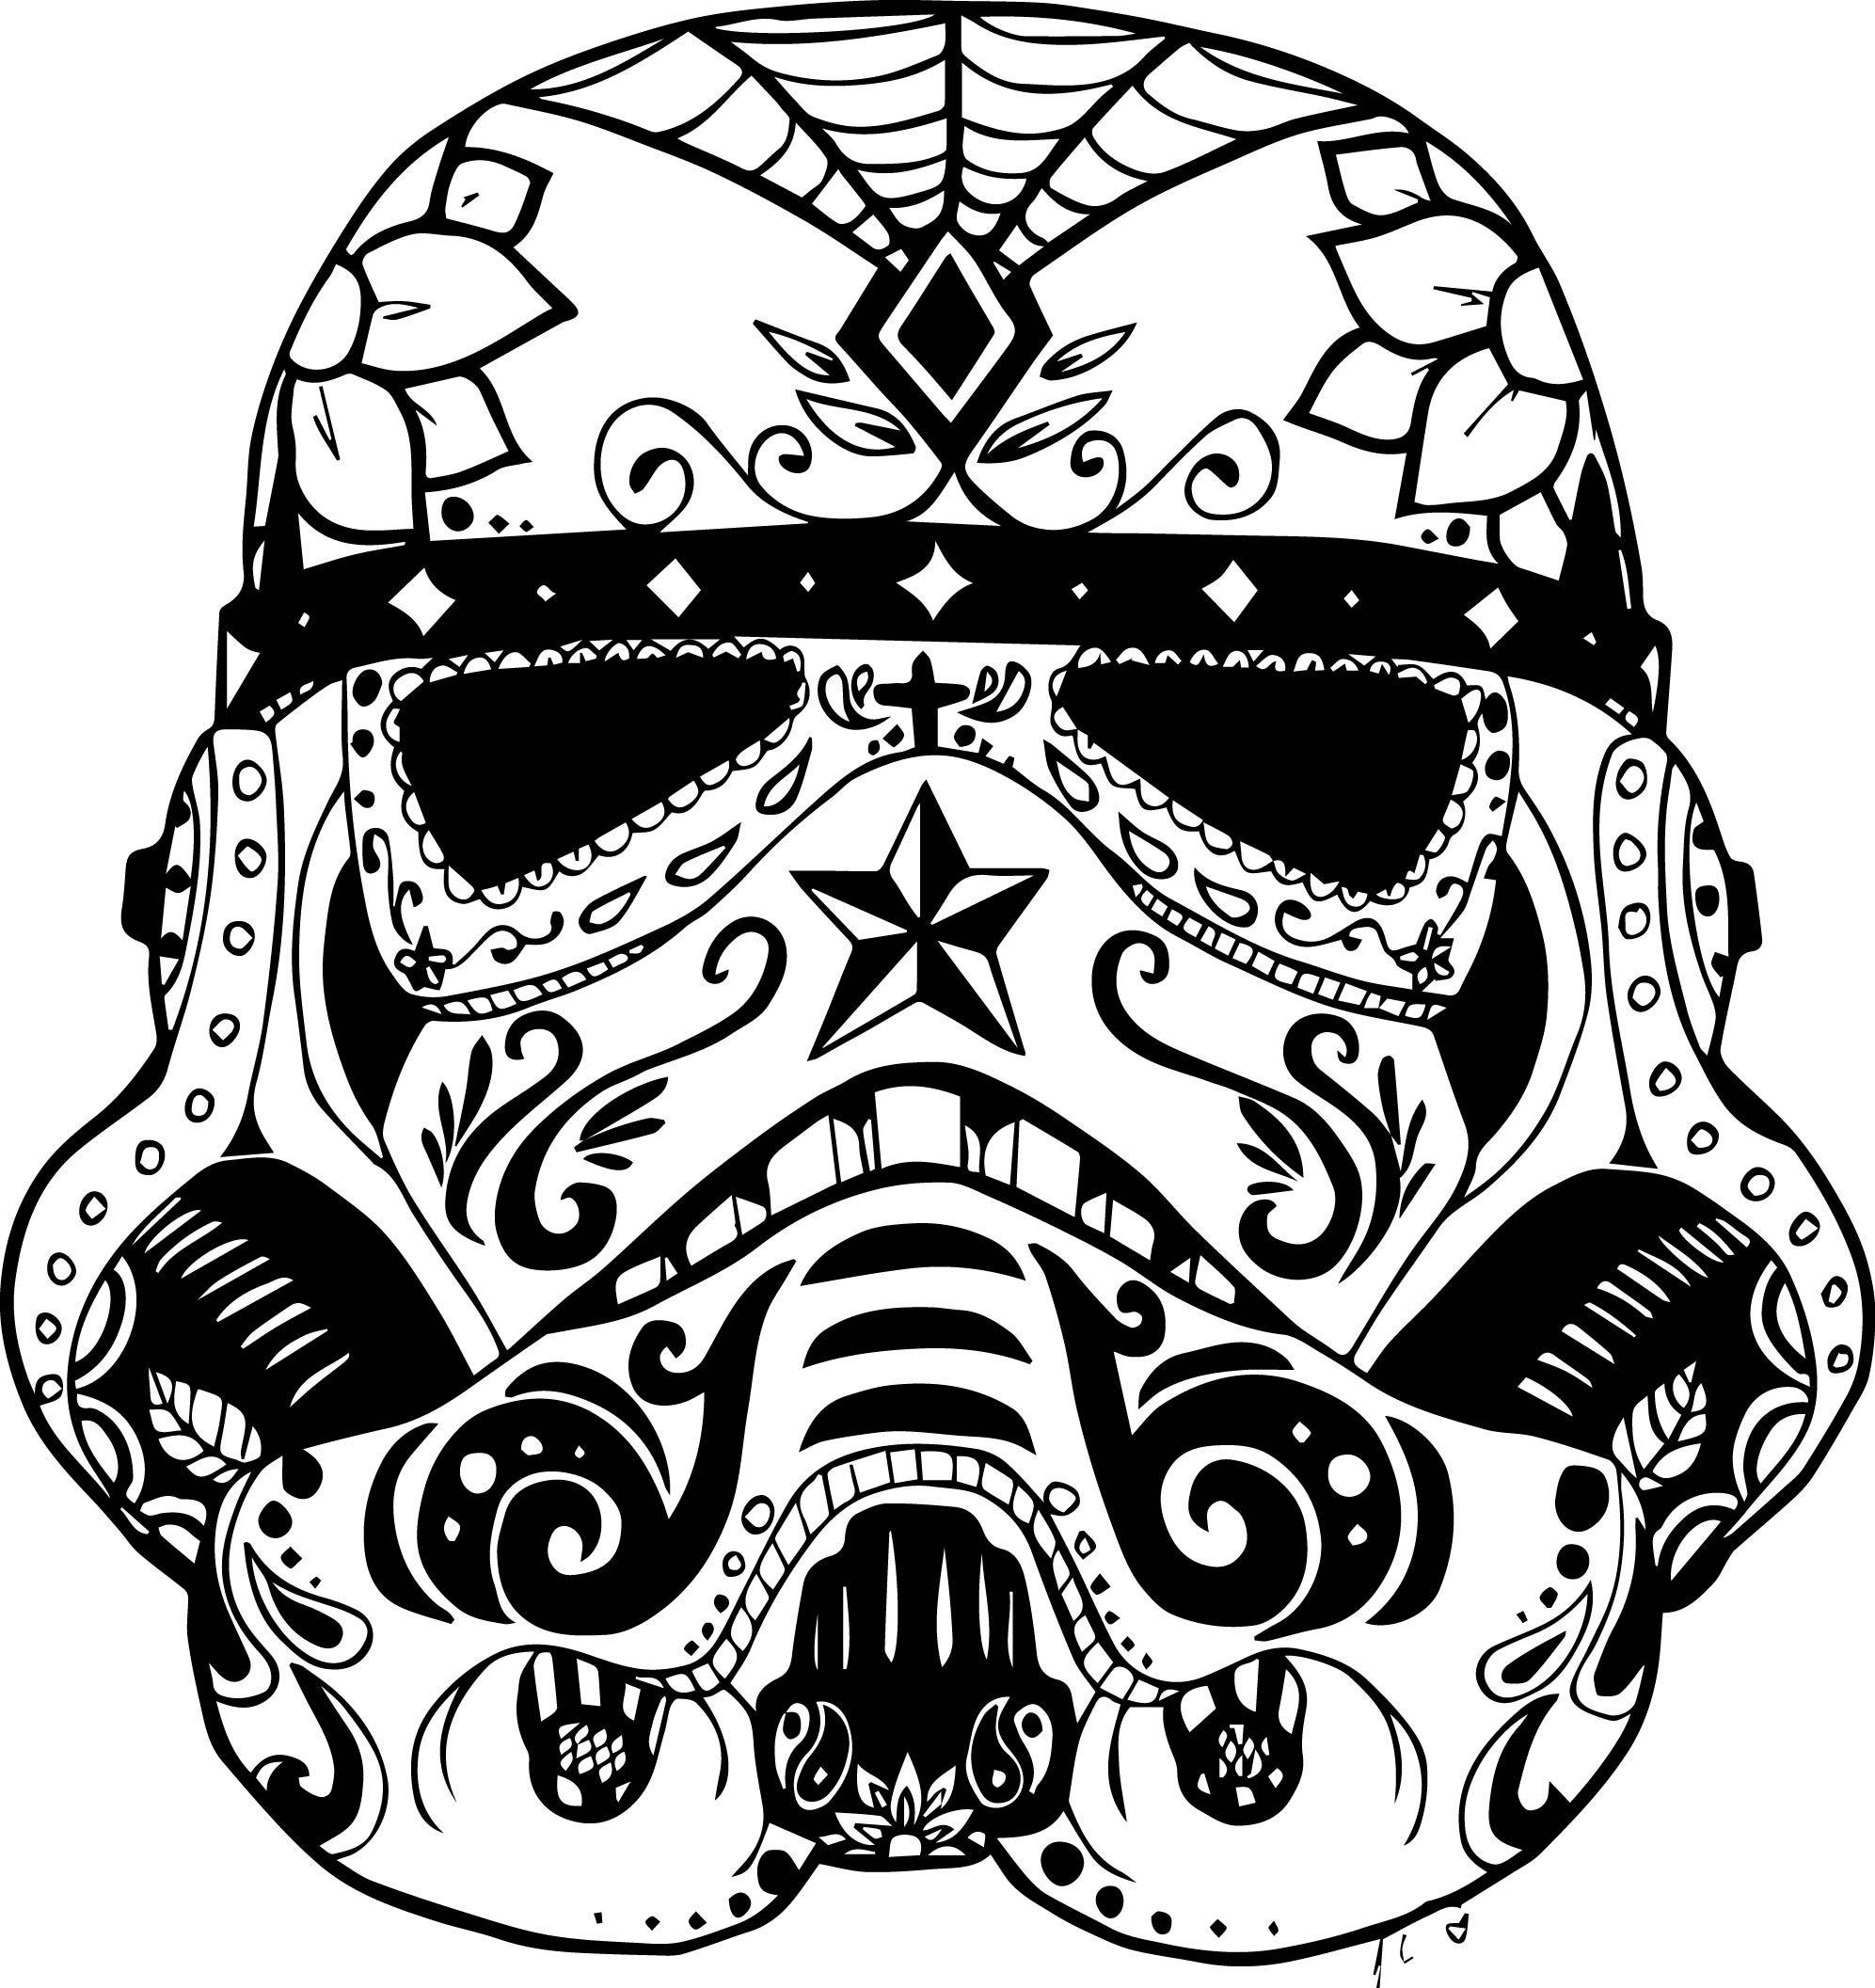 Sugar Skull Animal Colouring Pages Mcoloring Star Wars Zeichnungen Totenkopfillustration Malvorlagen